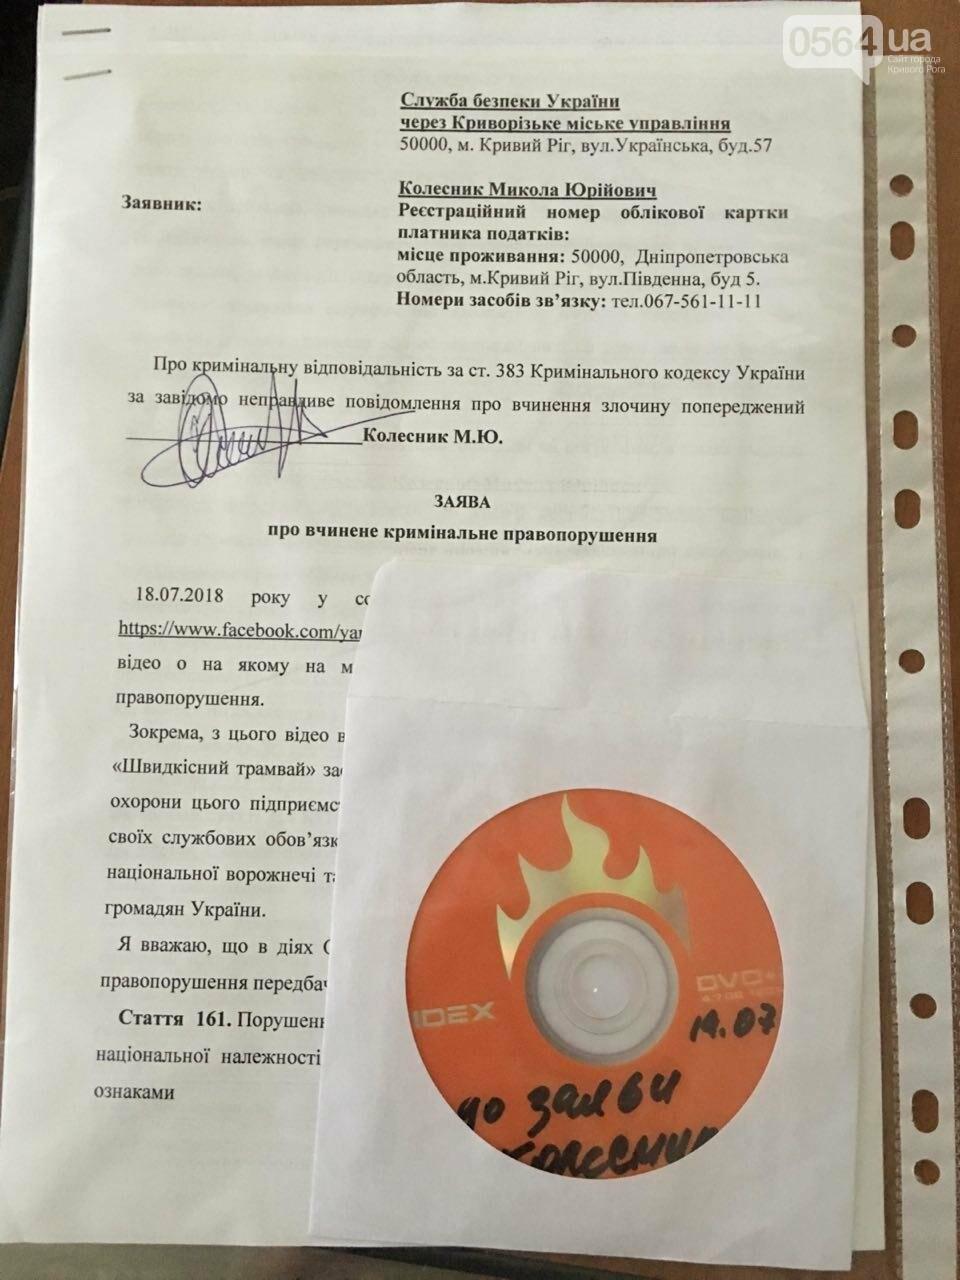 Криворожане передали в СБУ заявление с требованием проверить организации, которые возглавлял Островский, - ФОТО, фото-3